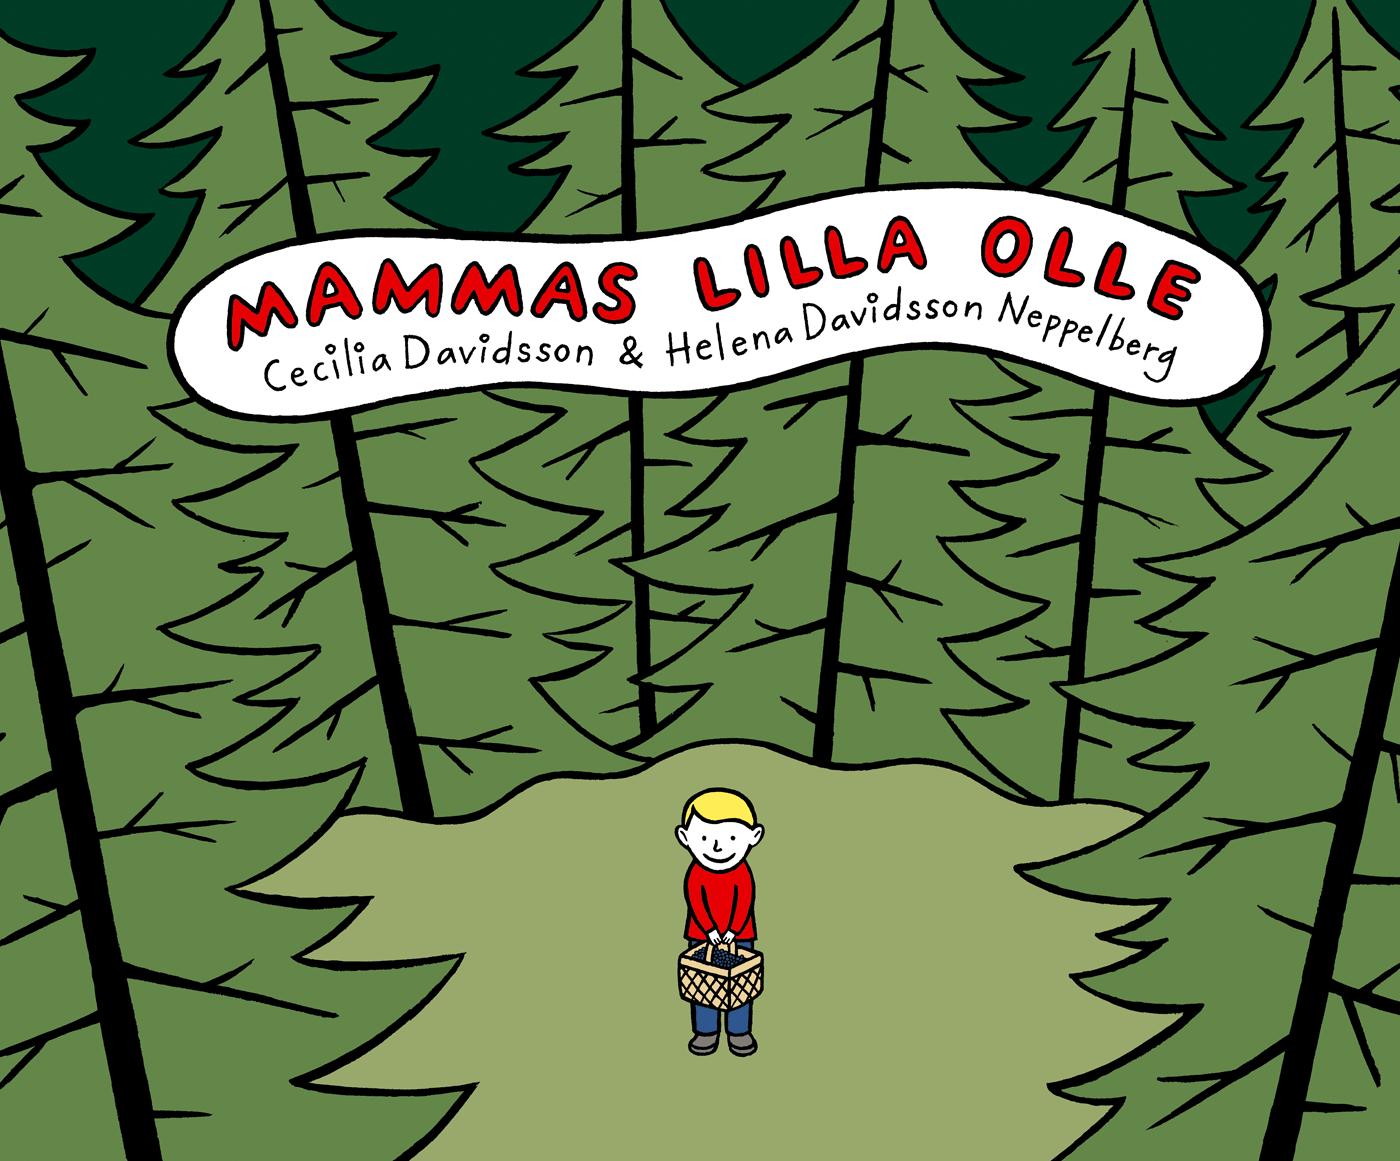 Mammas-lilla-Olle